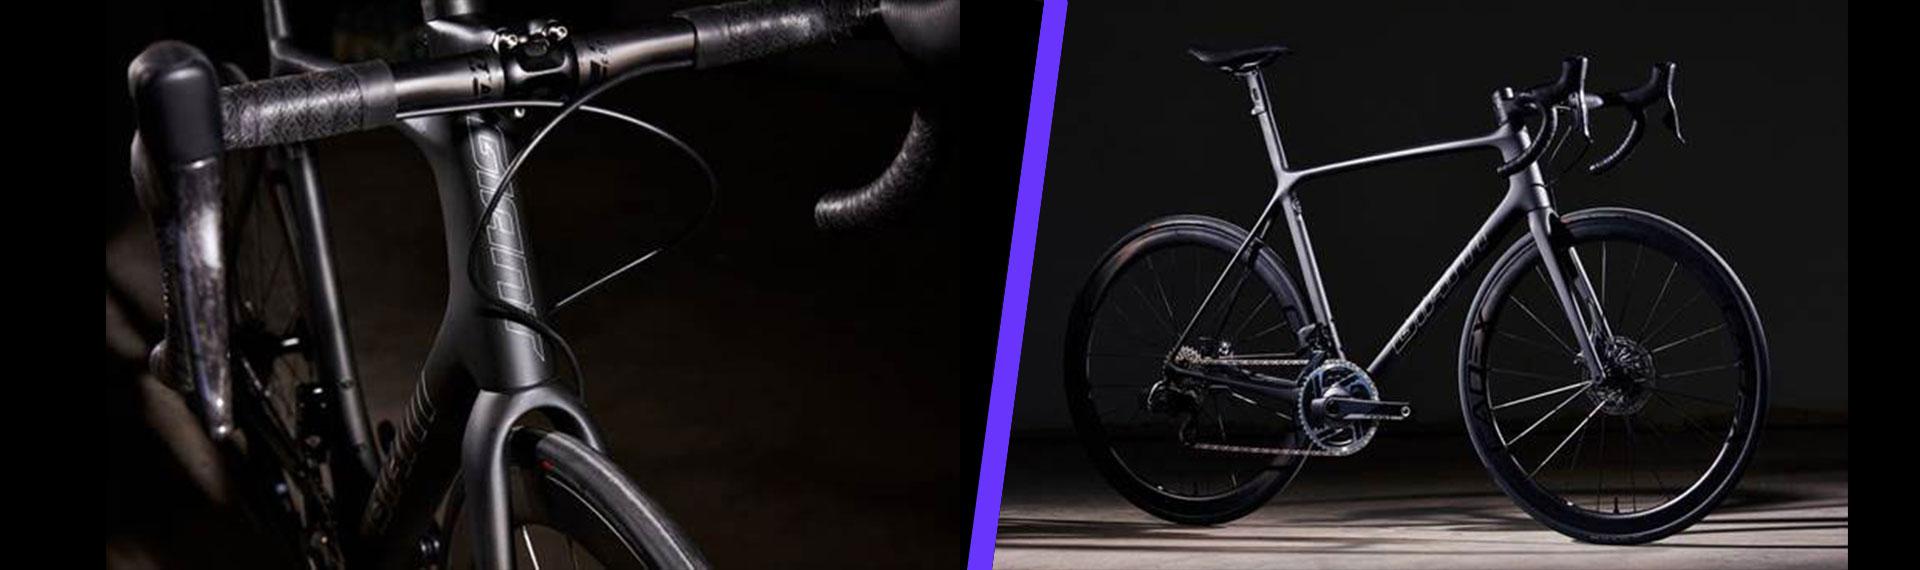 معرفی TCR Advanced SL 0 Disc به عنوان بهترین دوچرخه مسابقات